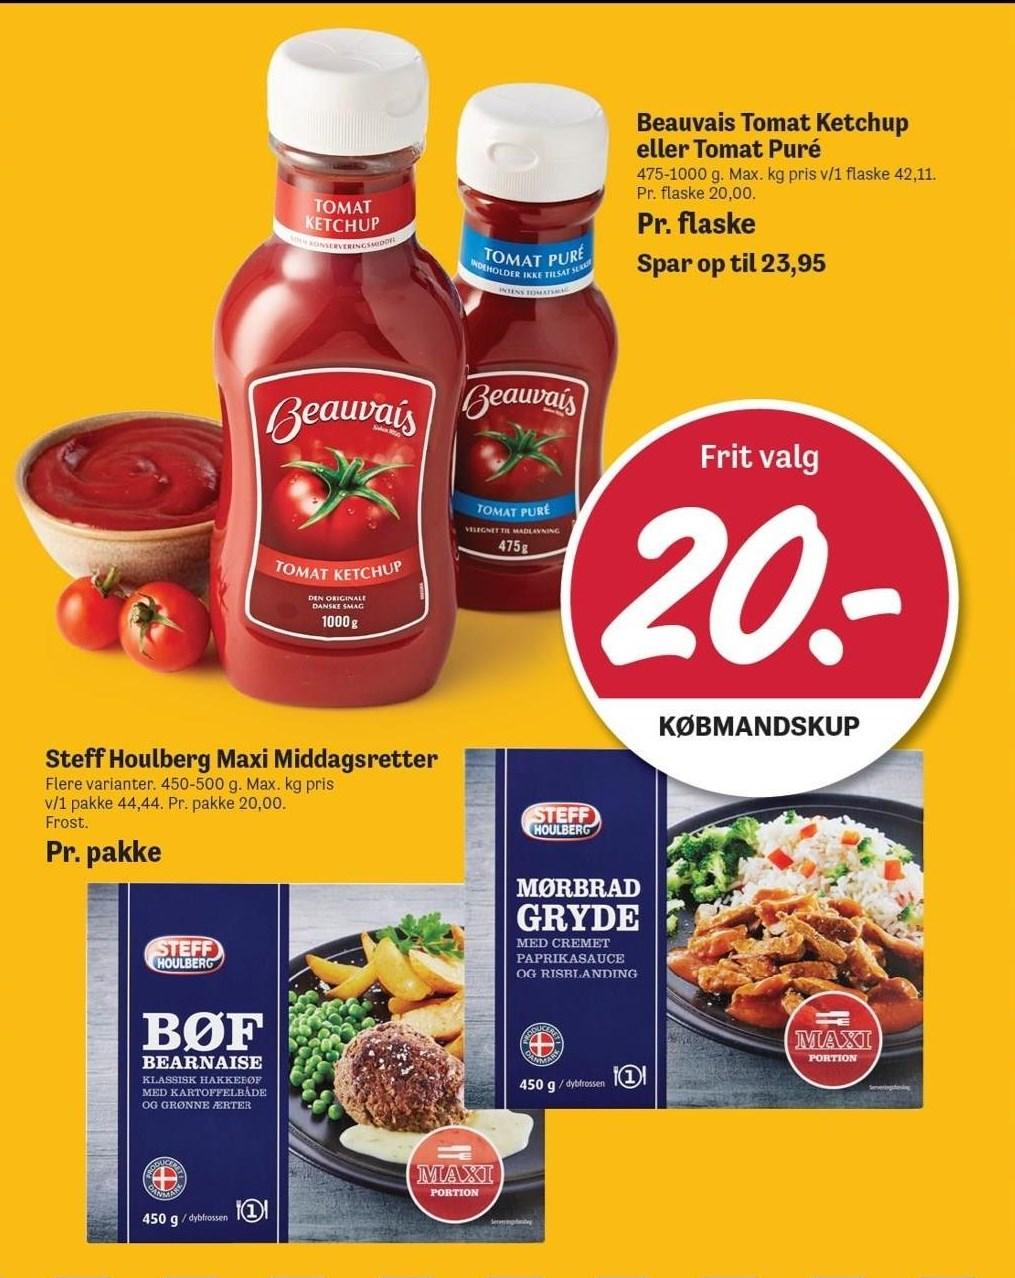 Beauvais tomat ketchup eller tomat puré